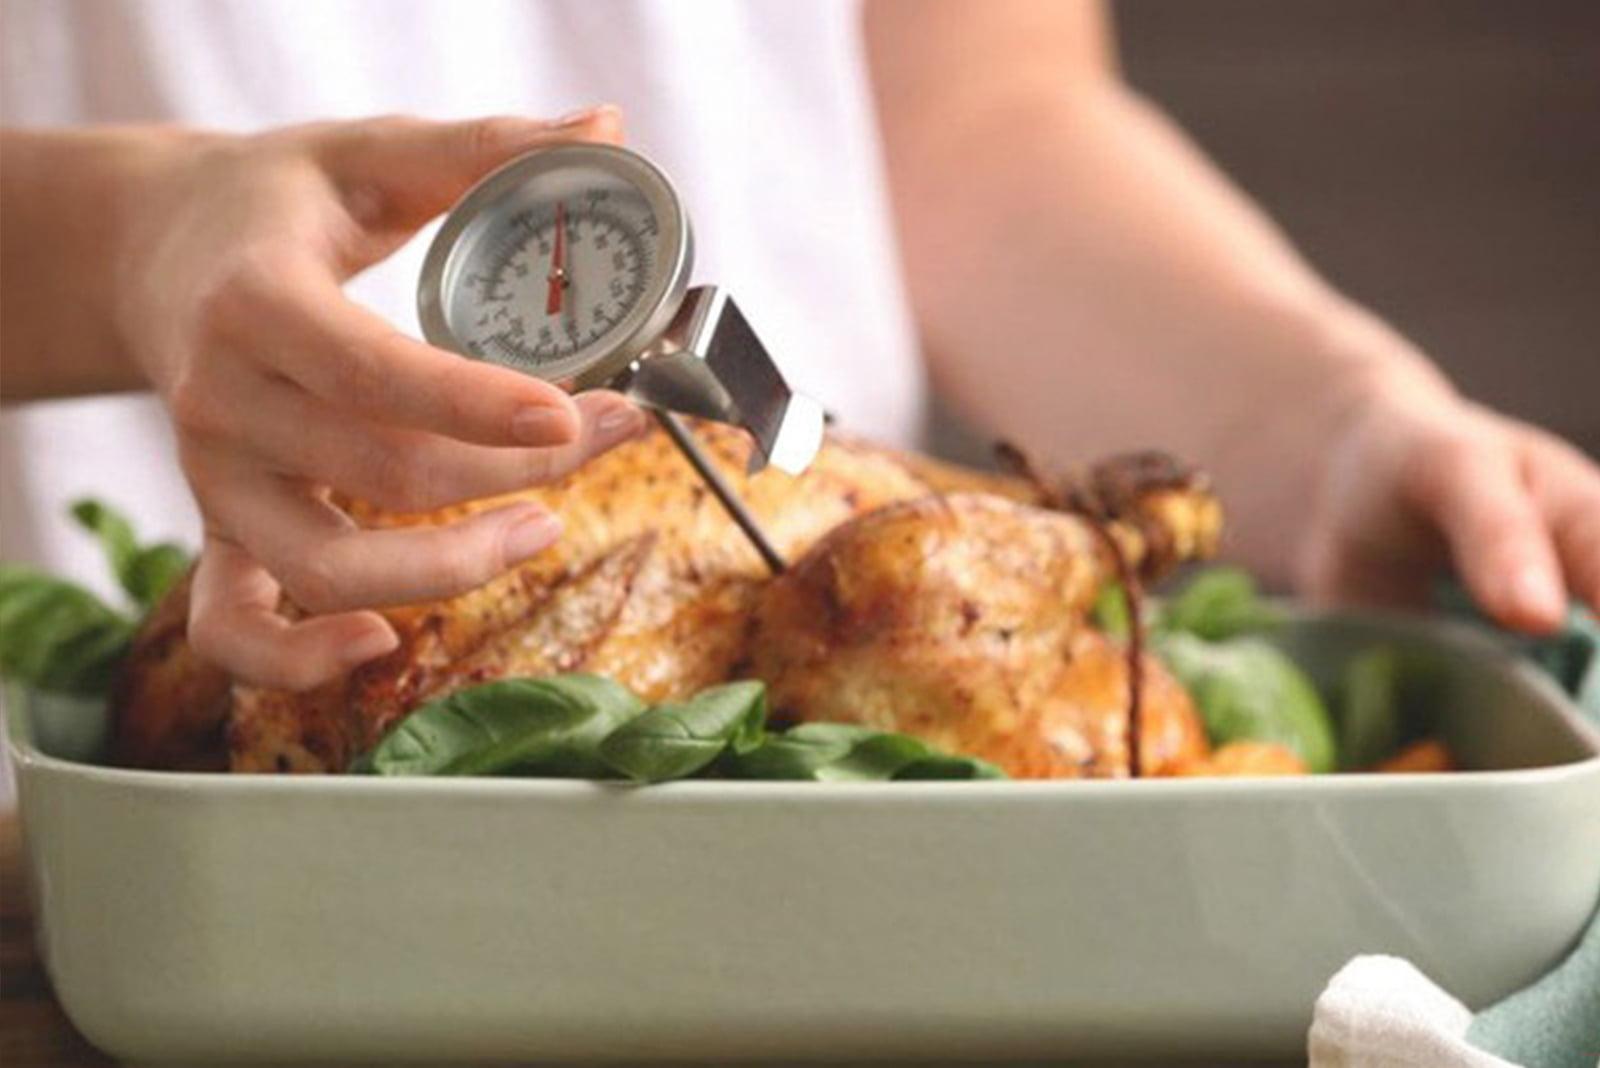 haccp: kiểm tra nhiệt độ thực phẩm